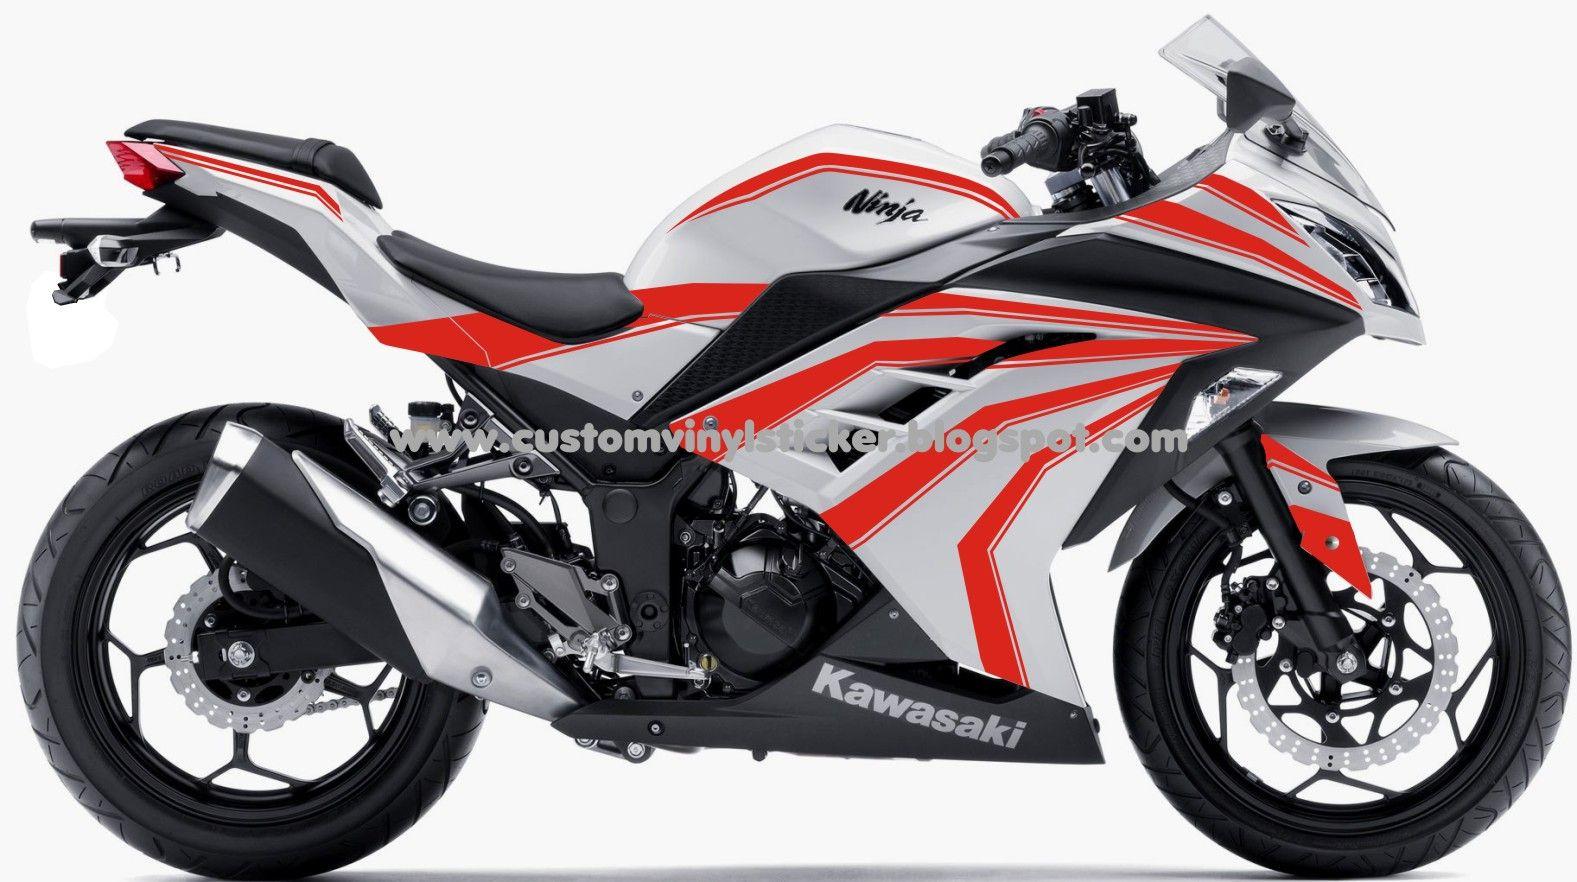 Kawasaki Ninja 300f1 White Red Red Striping